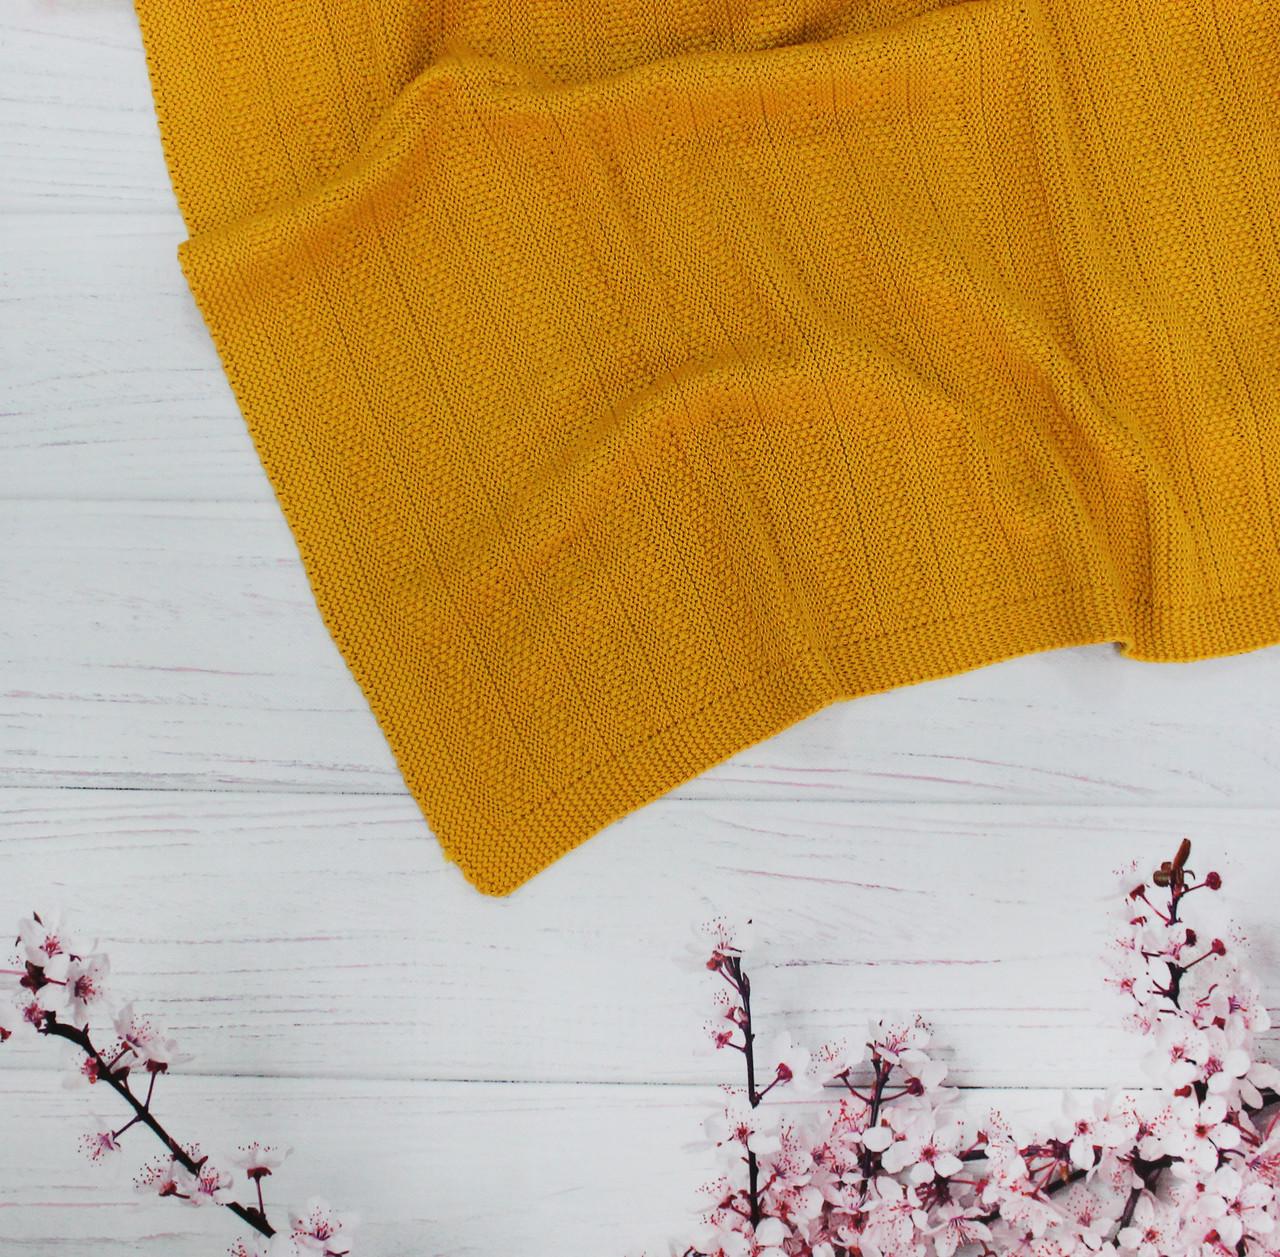 Плед вязанный полоска цвет горчичный  95*75 см (90% хлопок, 10% акрил)